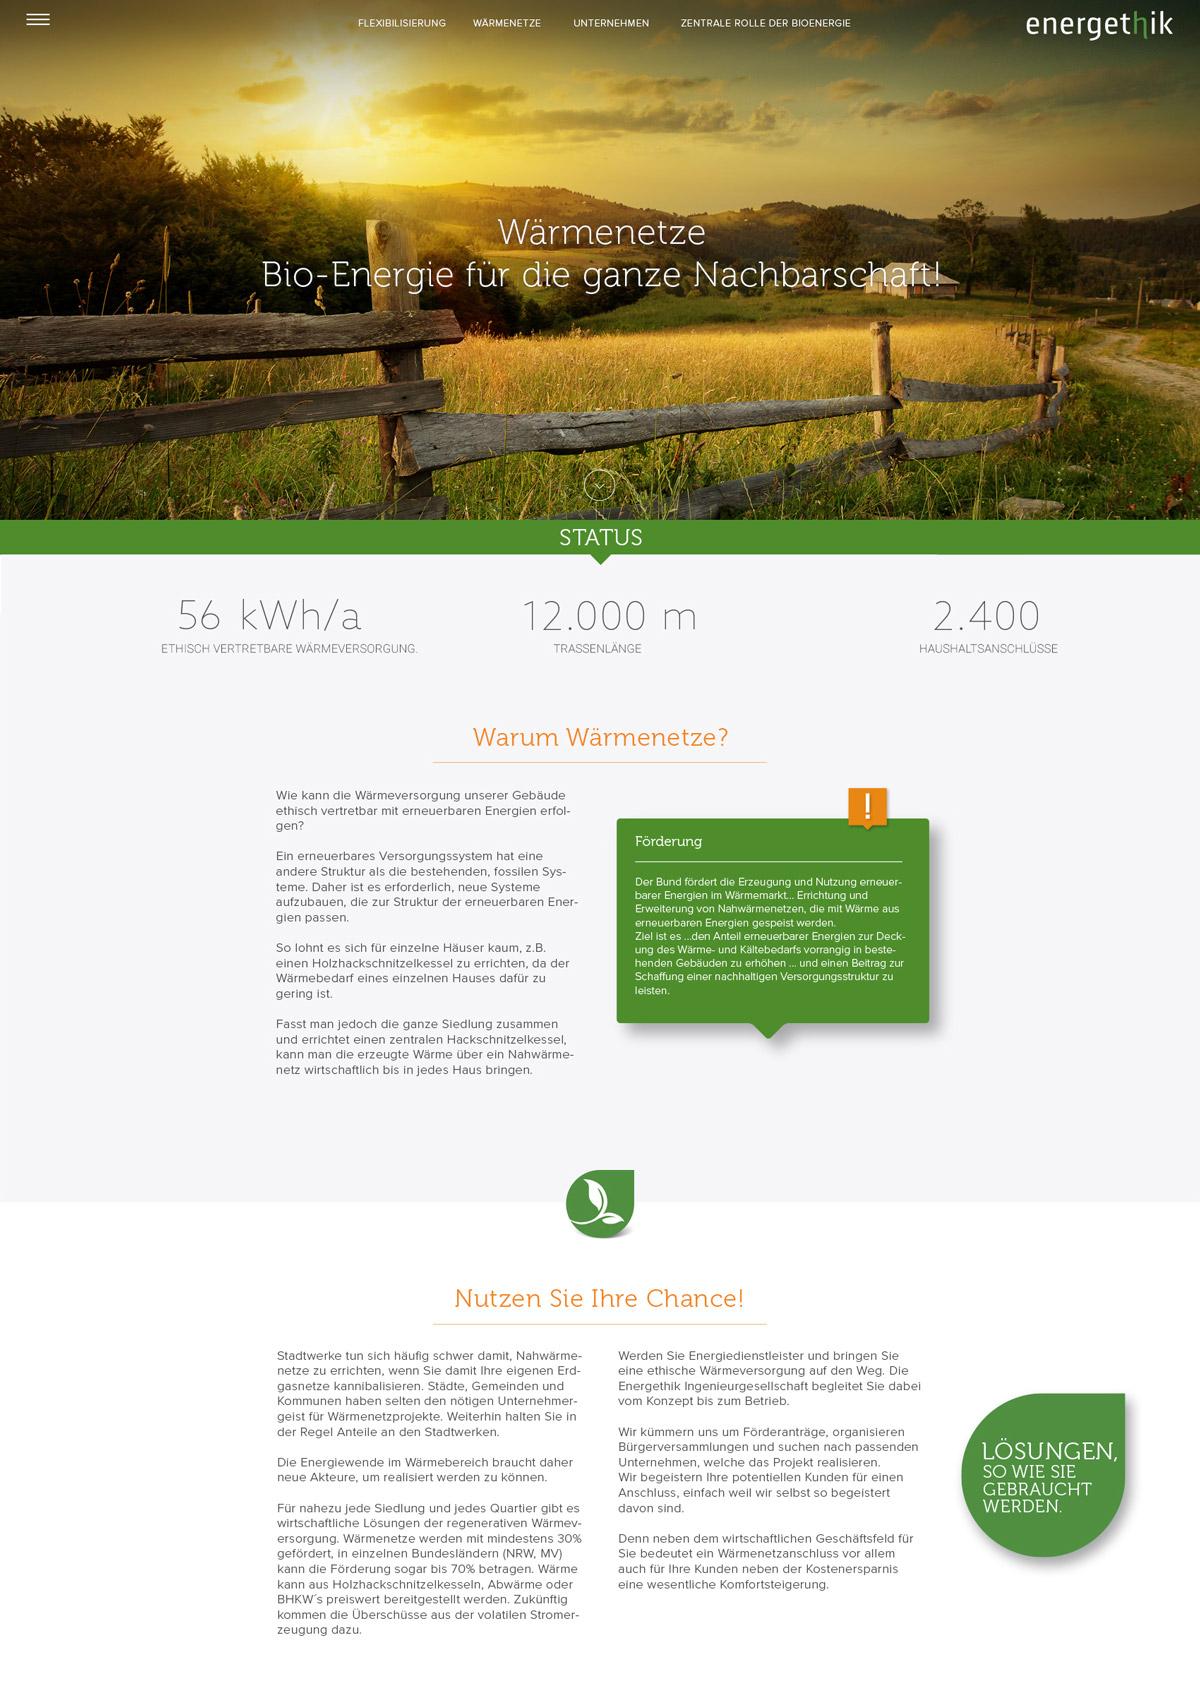 20210917_Energethik_Webdesign_01